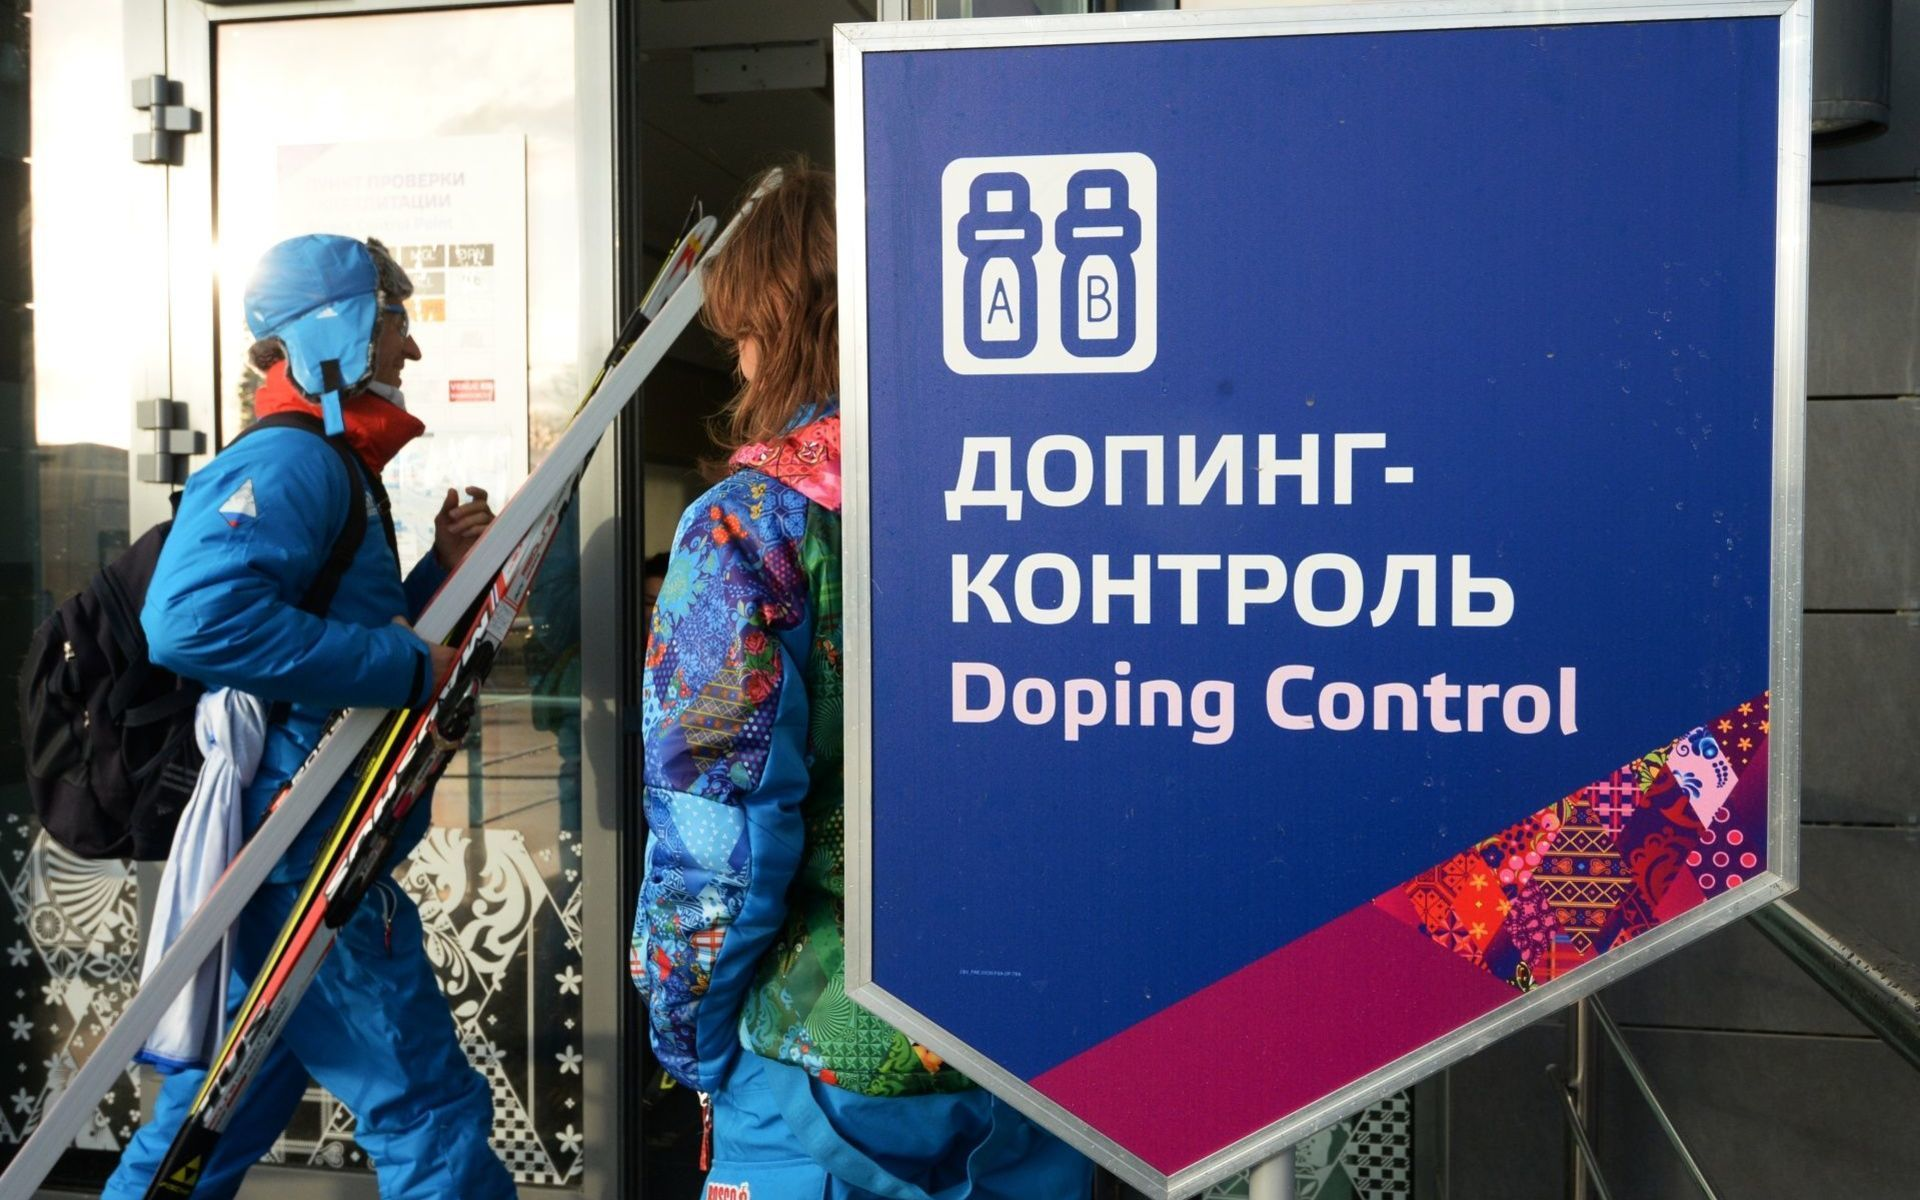 Россия, Биатлон, Союз, Исключение, Допинг, Скандал.